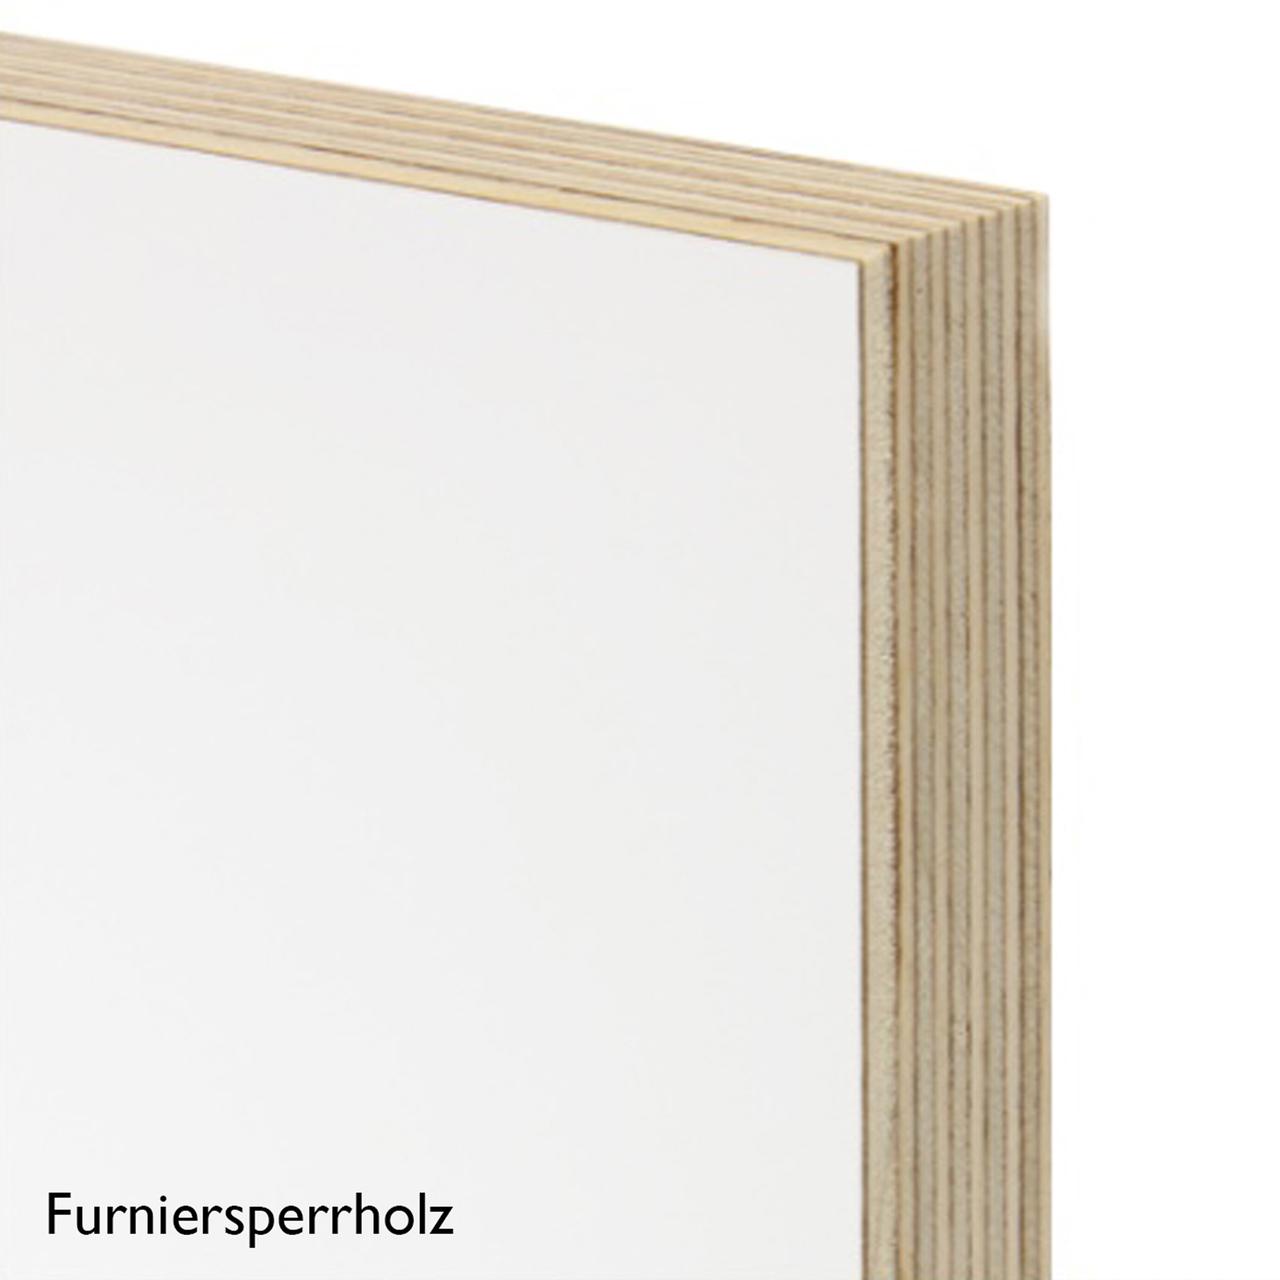 Regal FNP Furniersperrholz weiss